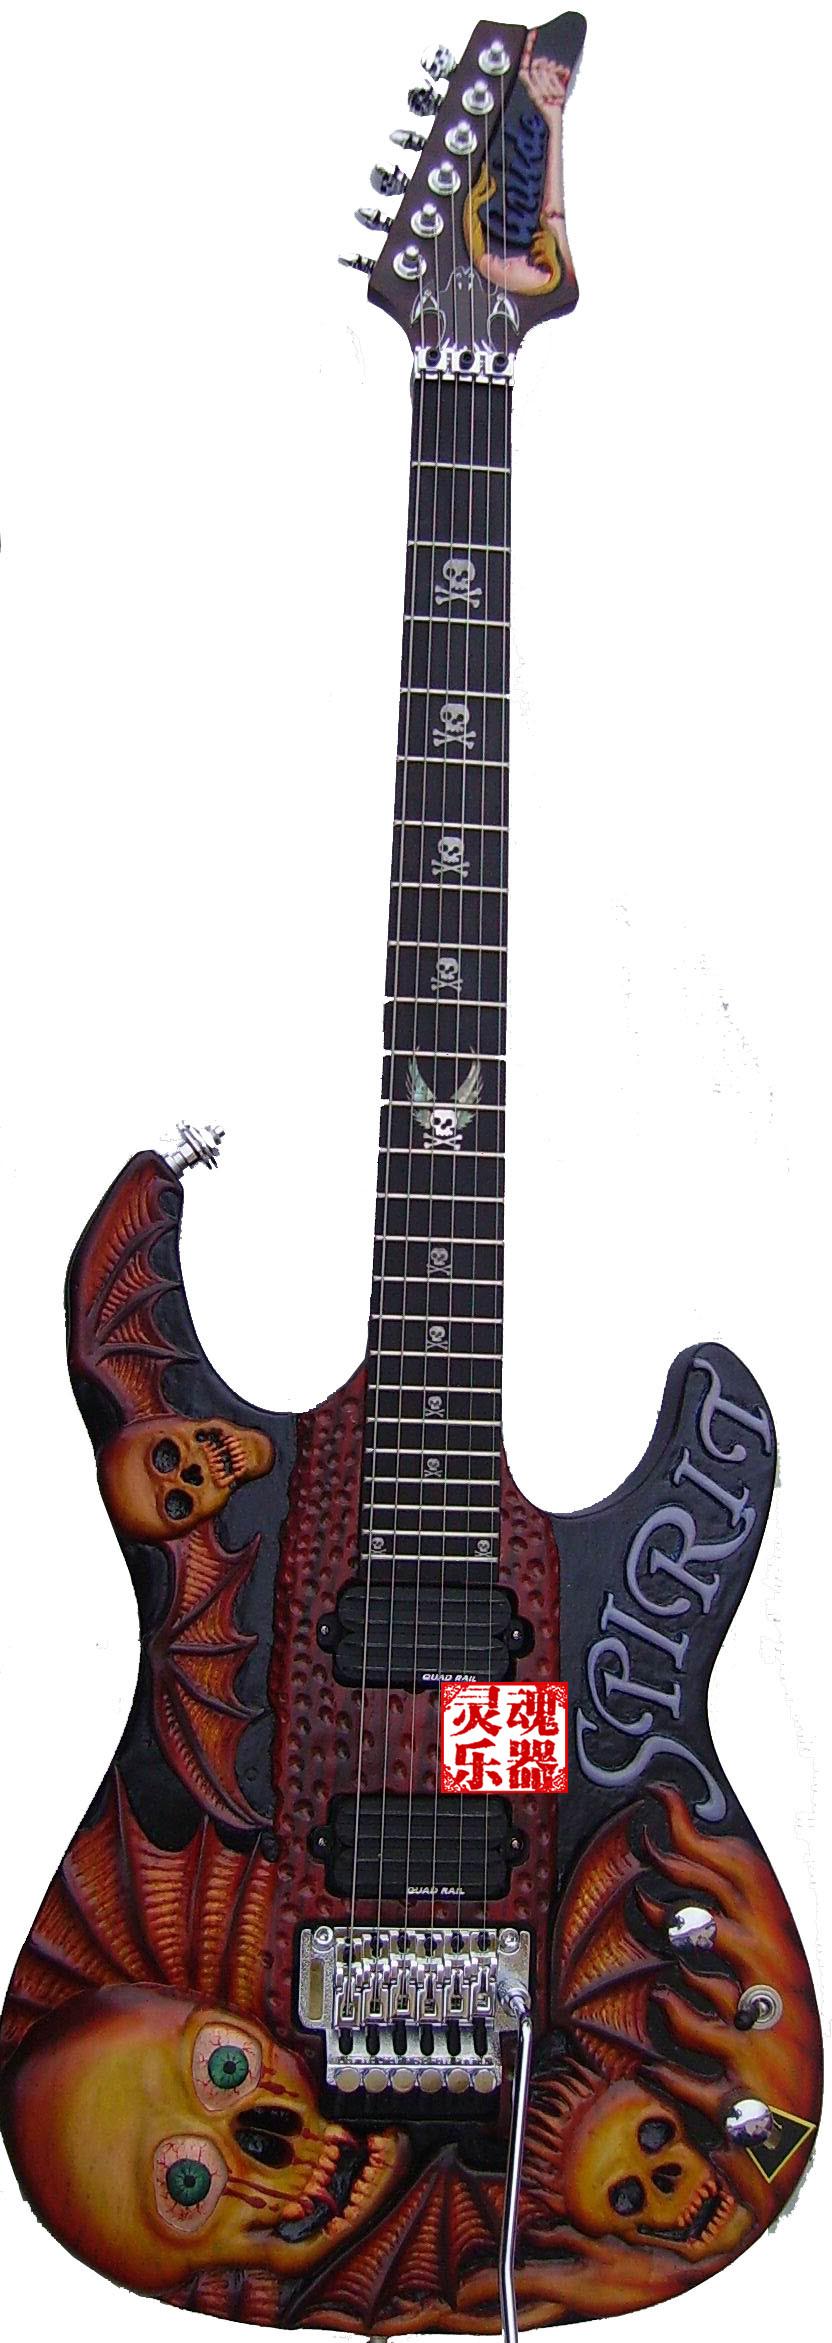 骷髅电吉他摇滚重金属电吉他 大师手工雕刻电吉他 异形电吉他包邮